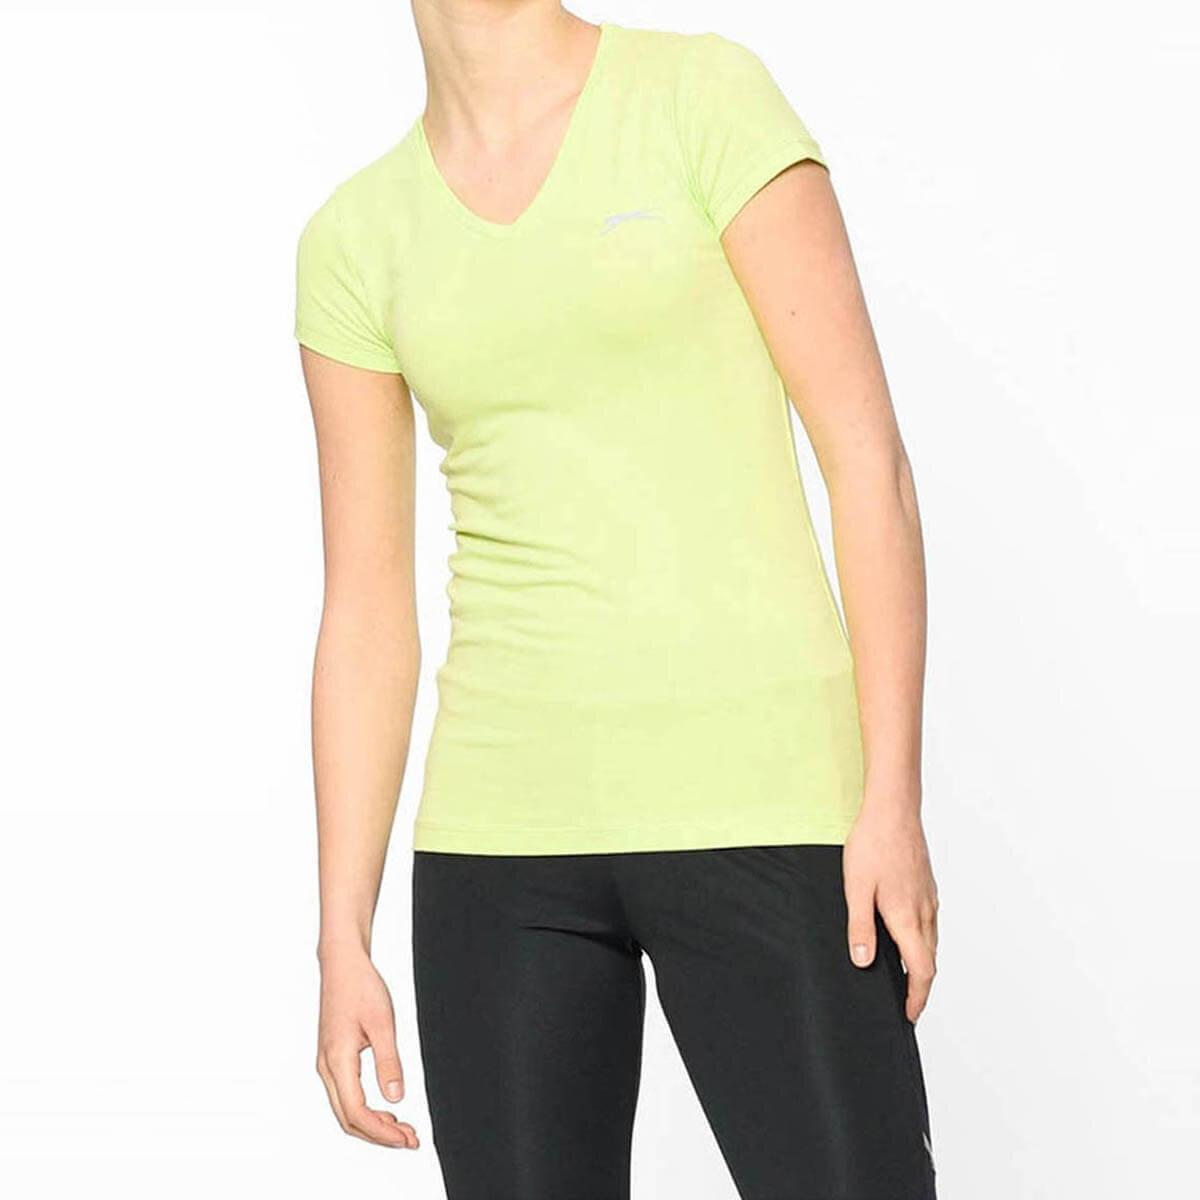 Açık Yeşil Kadın Kısa Kol T-Shirt ST18TK021-888